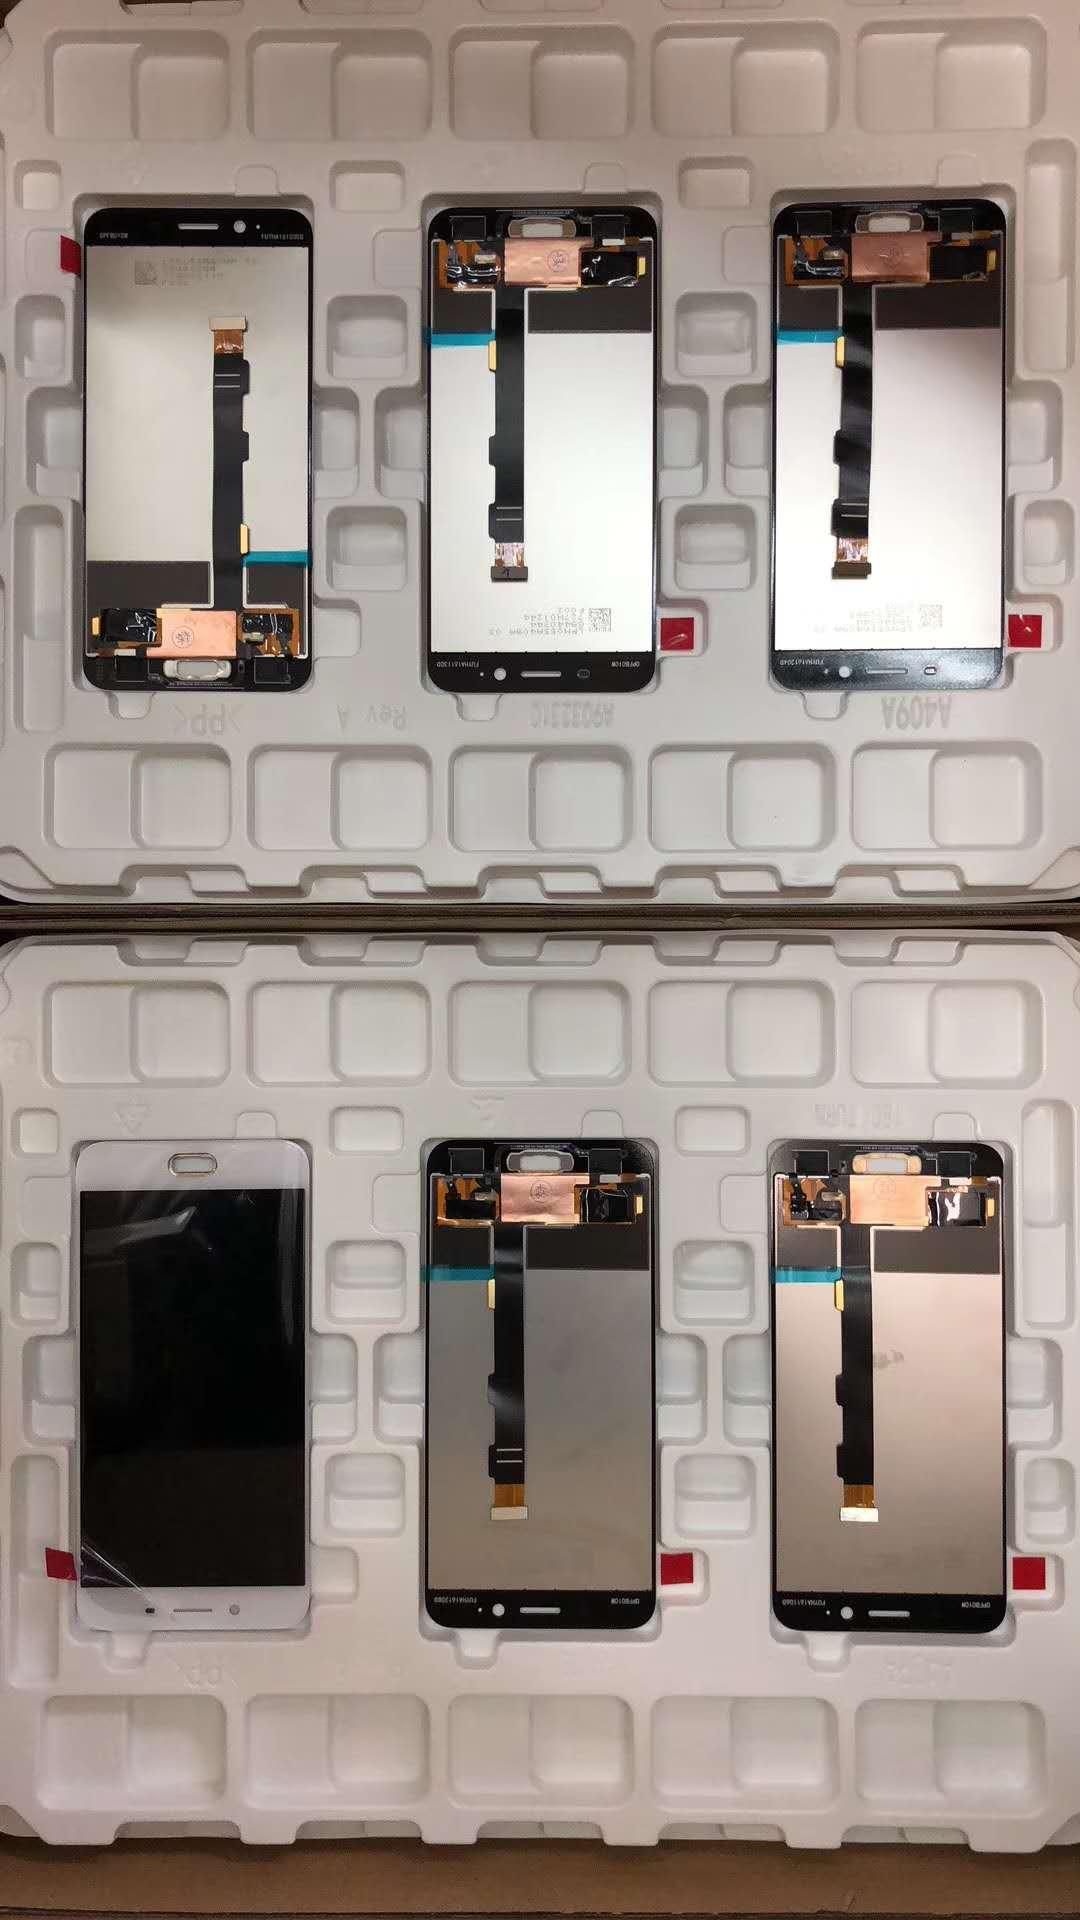 回收手机料 手机屏幕报价 回收手机屏幕 手机屏幕回收价格 回收手机屏幕报价 回收手机屏幕报价